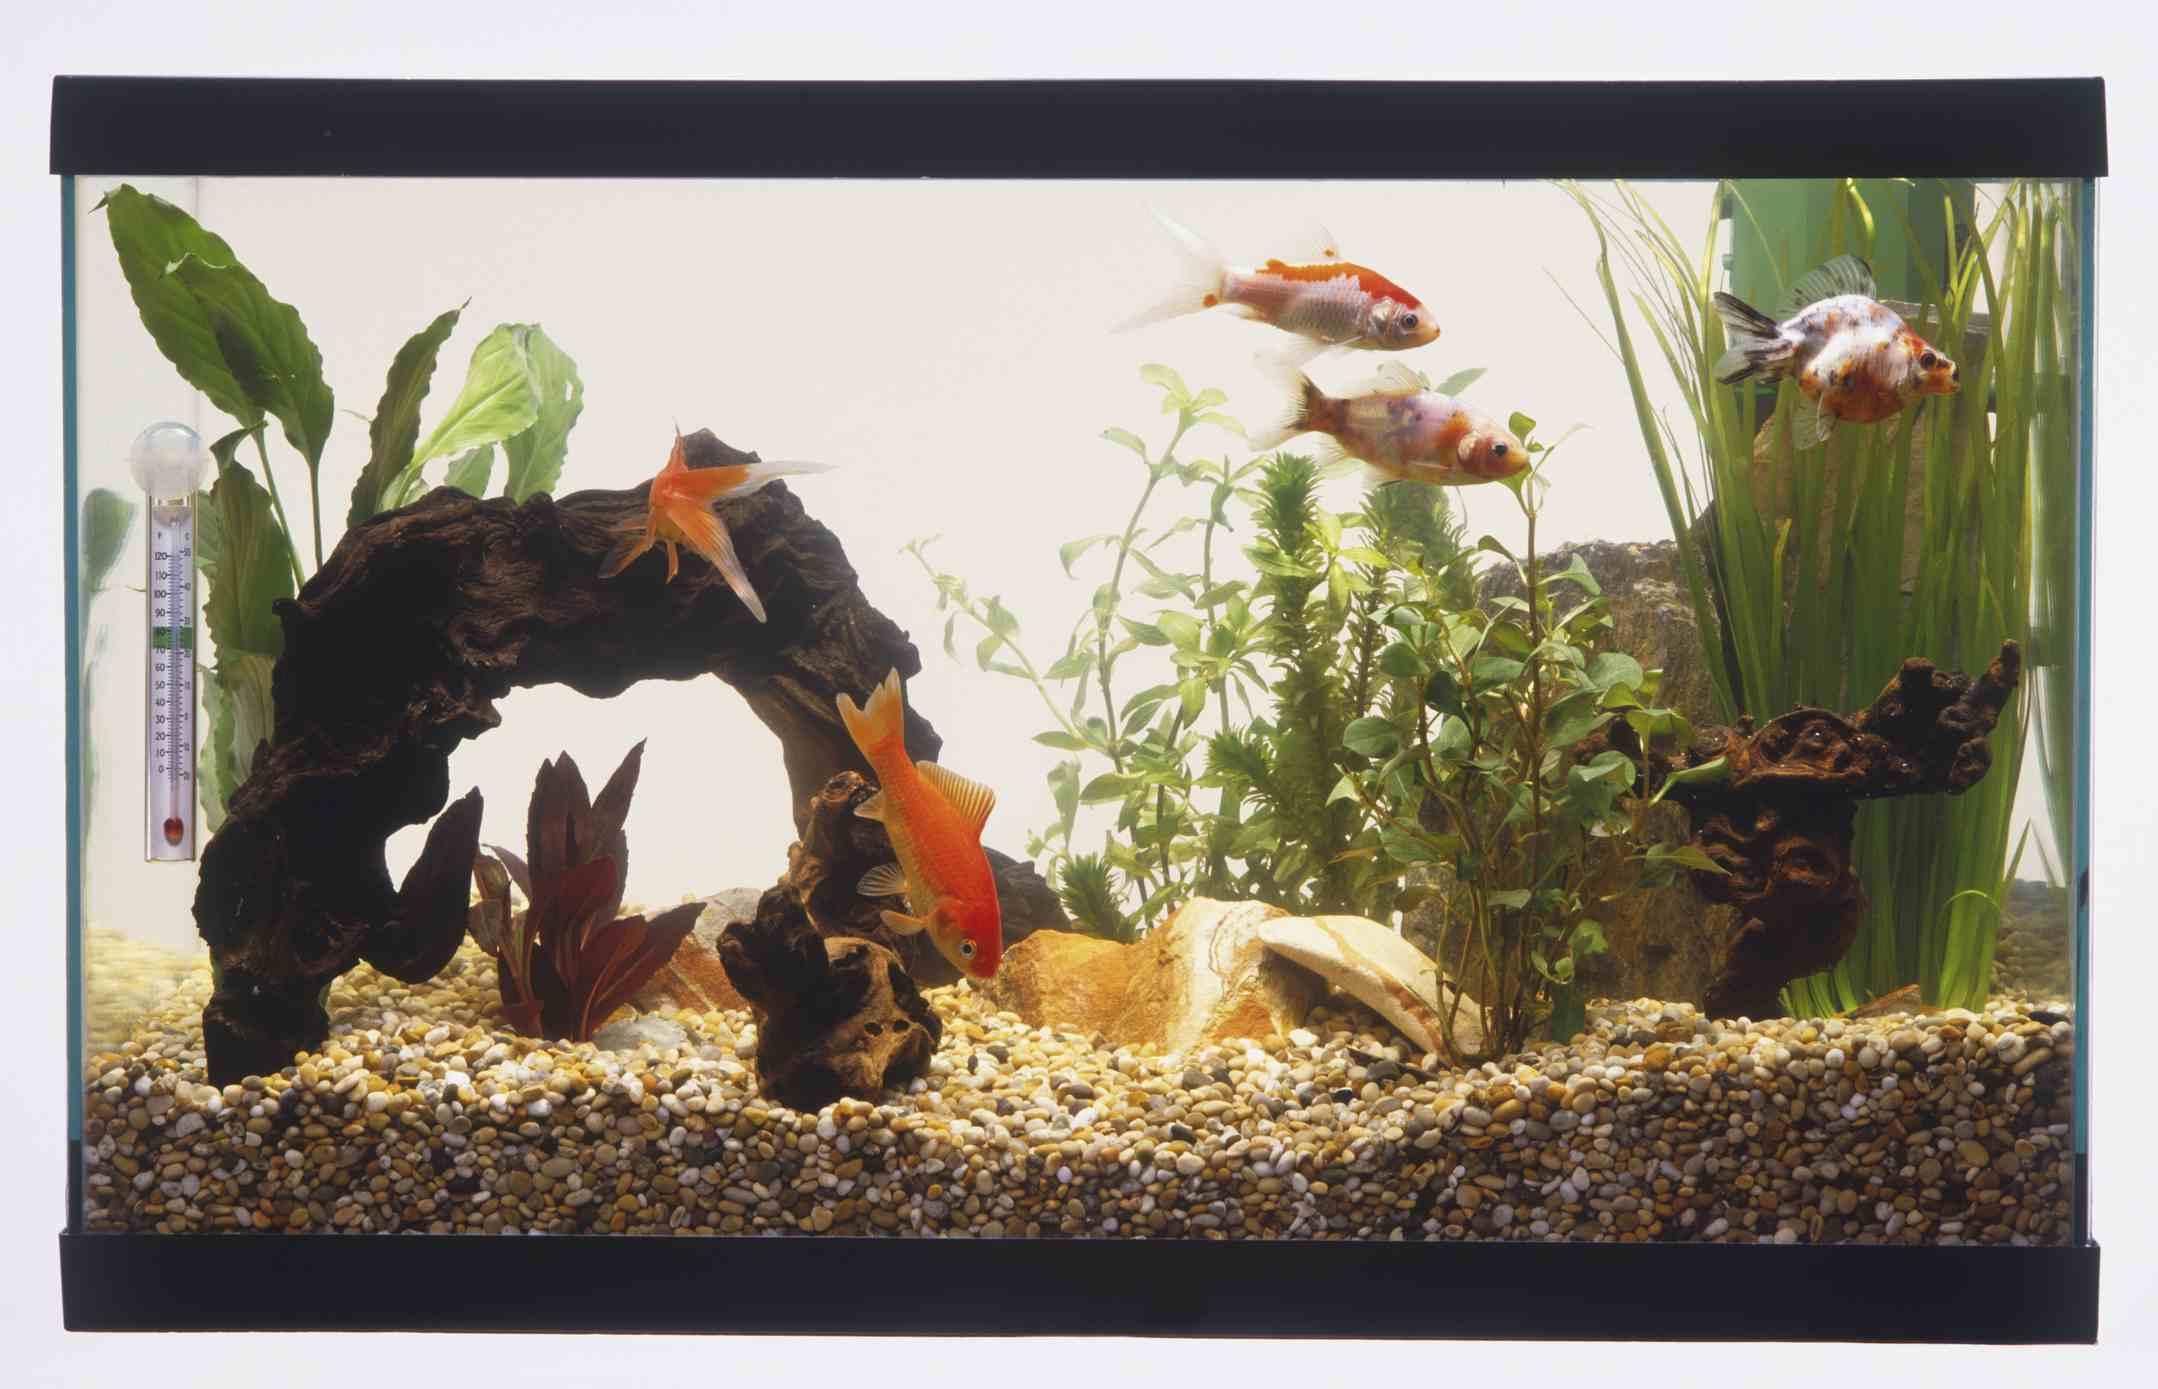 GettyImages-73506891-58cd3ea65f9b581d723d1905 Frais De Aquarium Recifal Complet Concept